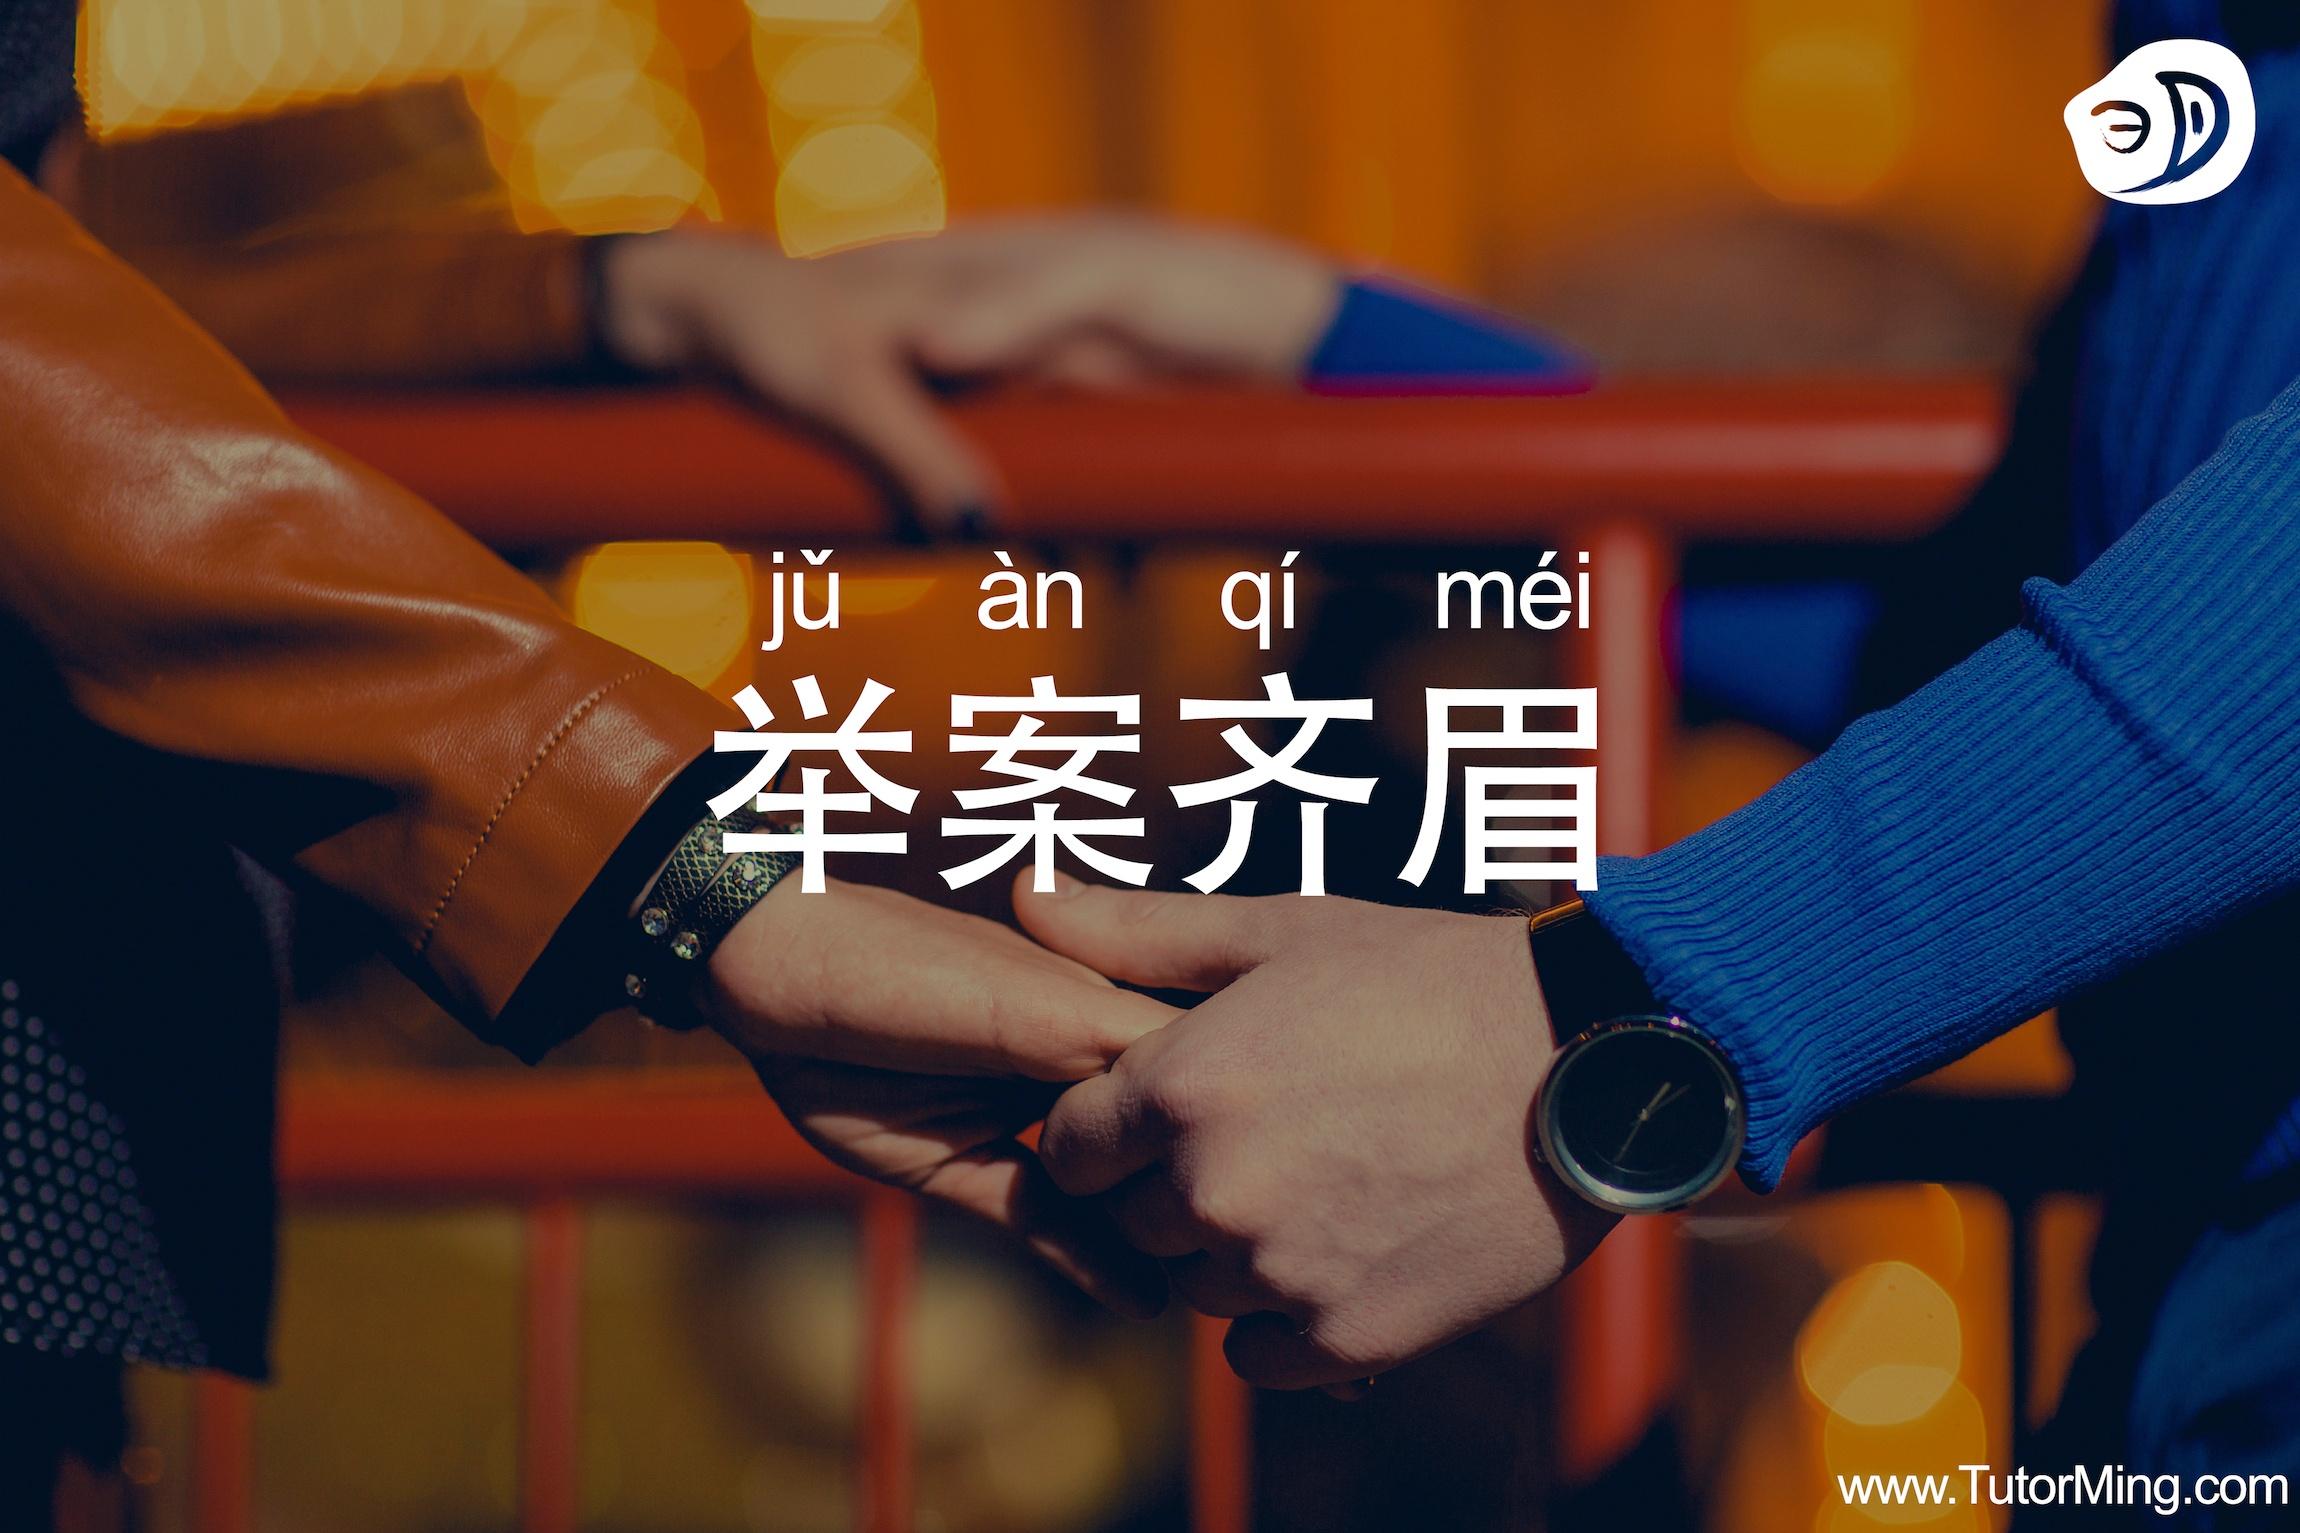 ju_an_qi_mei_chengyu_meaning.jpg